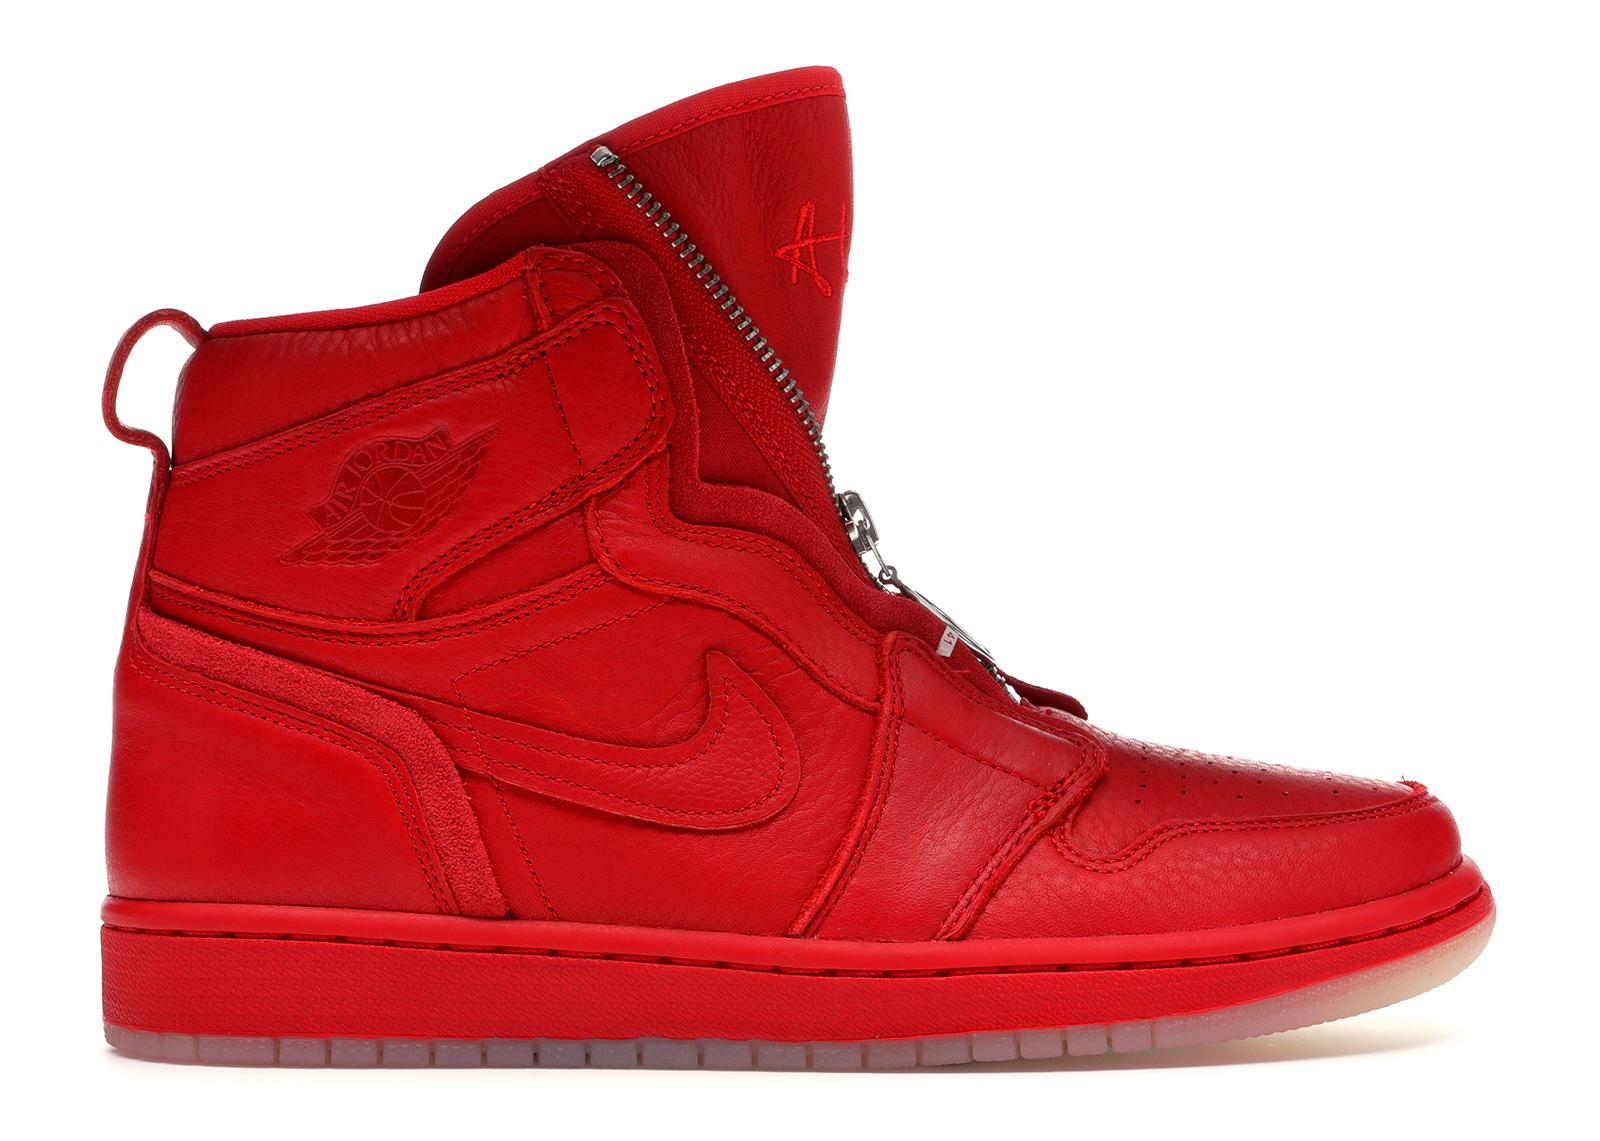 Jordan 1 Retro High Zip AWOK Vogue